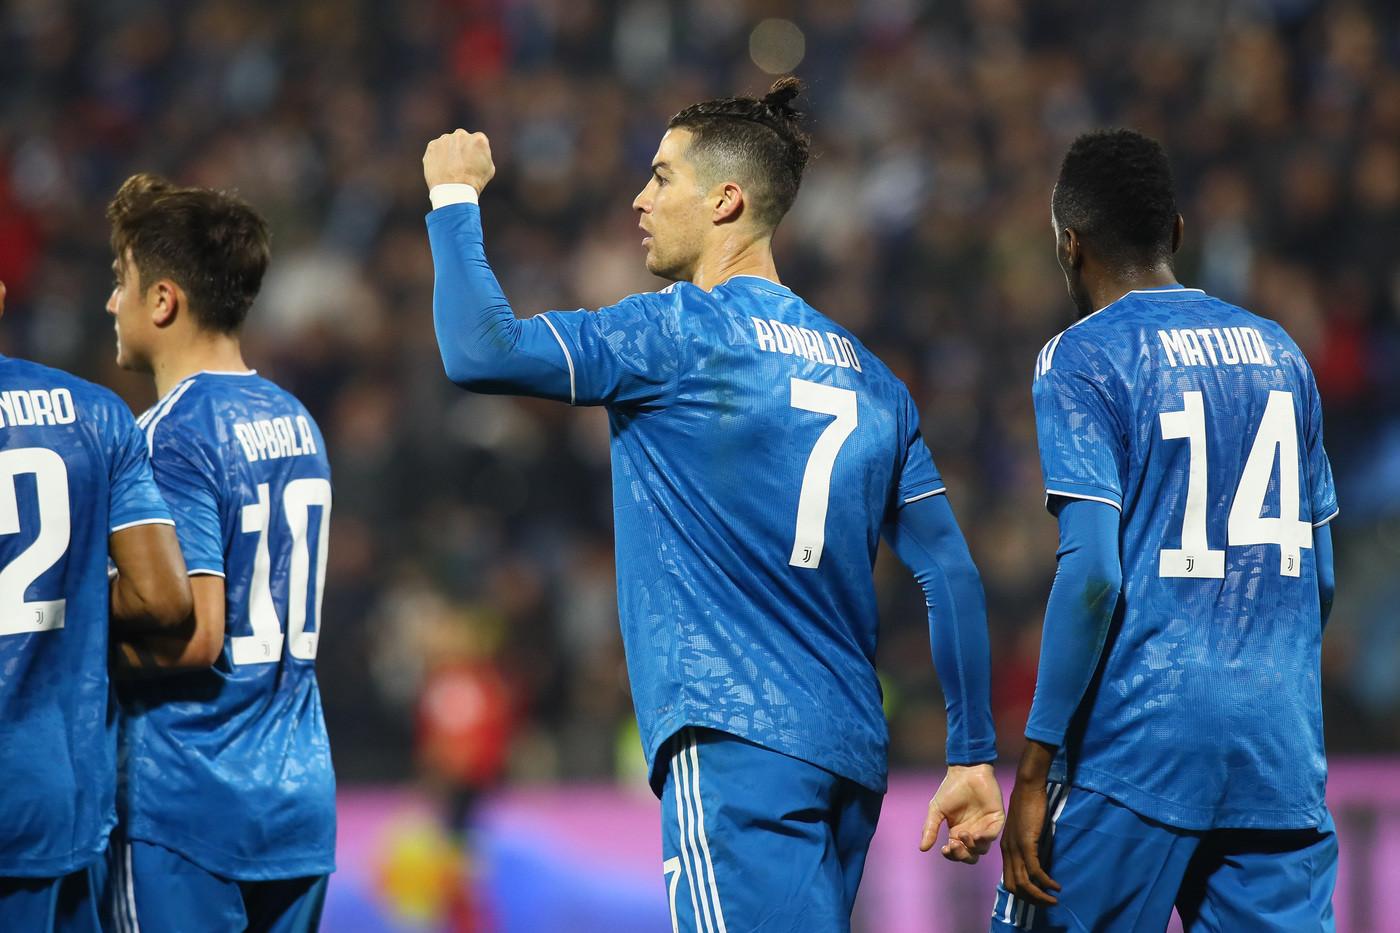 Serie A, Spal-Juve 1-2: Ronaldo e Ramsey regalano il +4 sulla Lazio